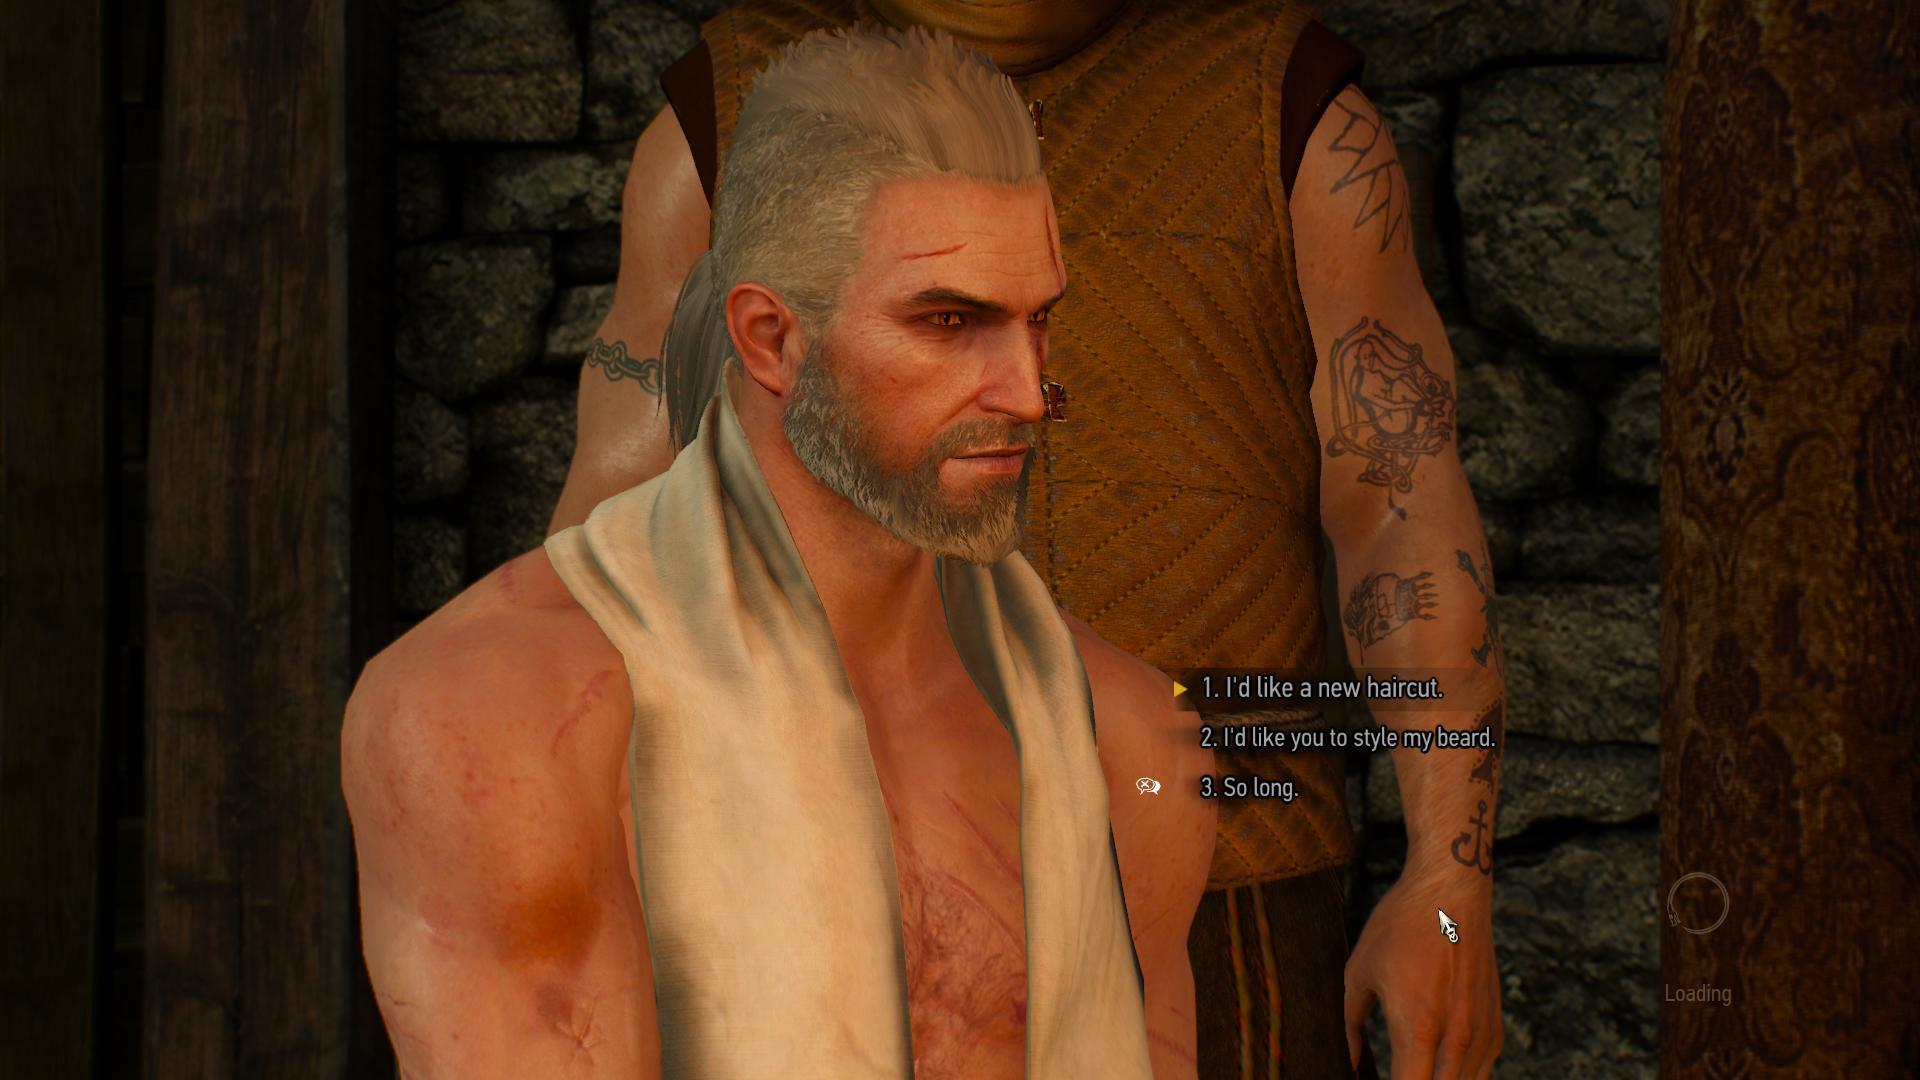 The Witcher 3 Frisuren  The Witcher 3 Frisuren und Bärte DLC int ent news